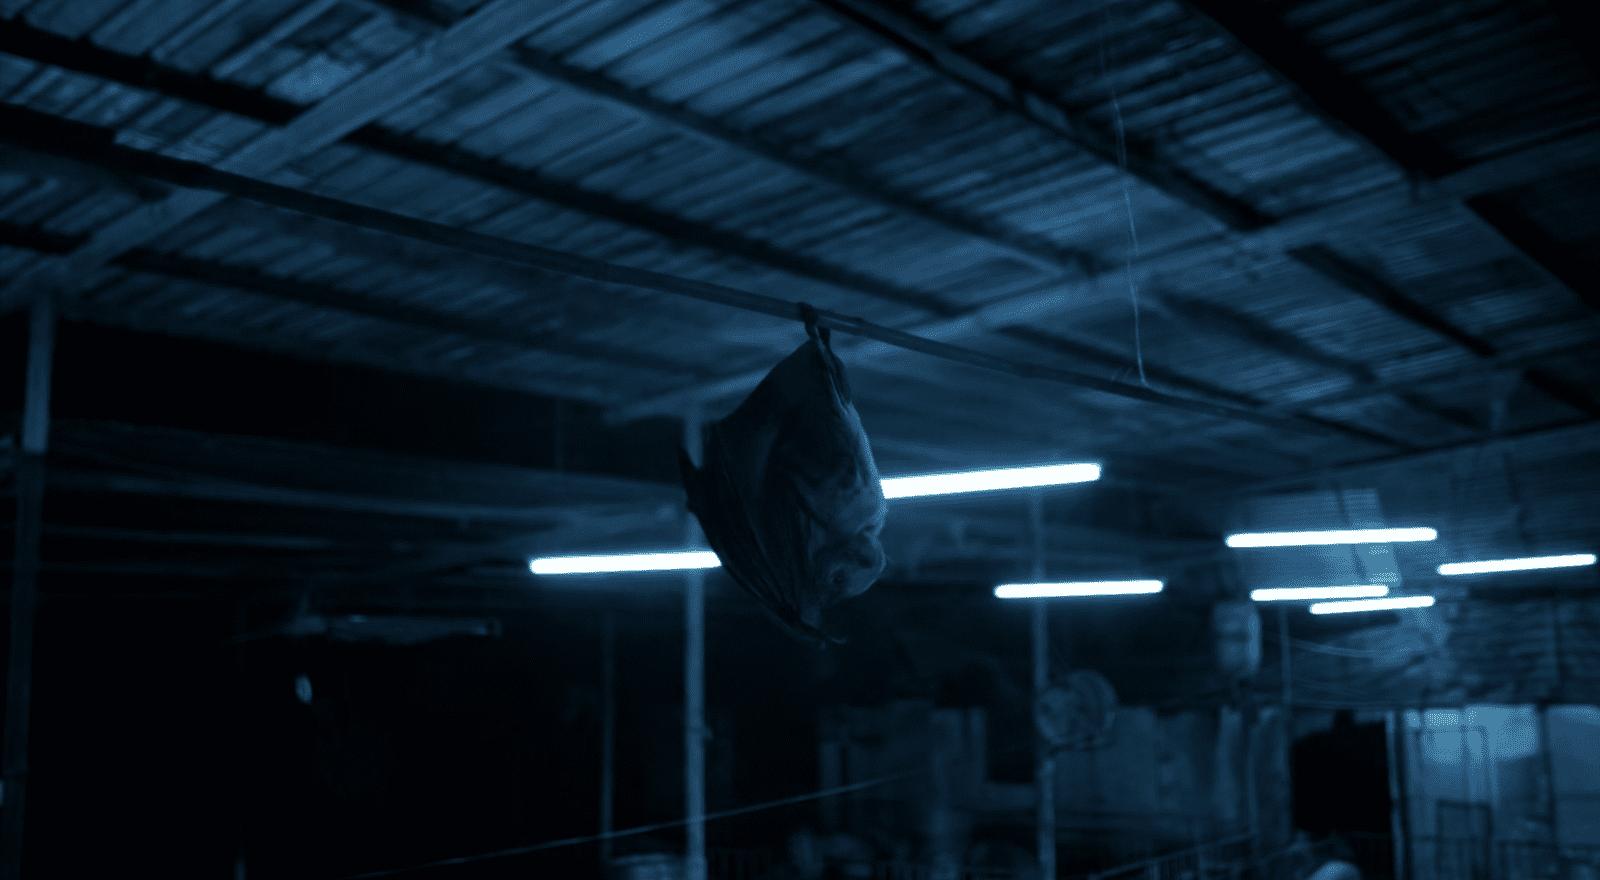 Das Virus stammt von einer Fledermaus. Filmstill aus Contagion (Soderbergh 2011).